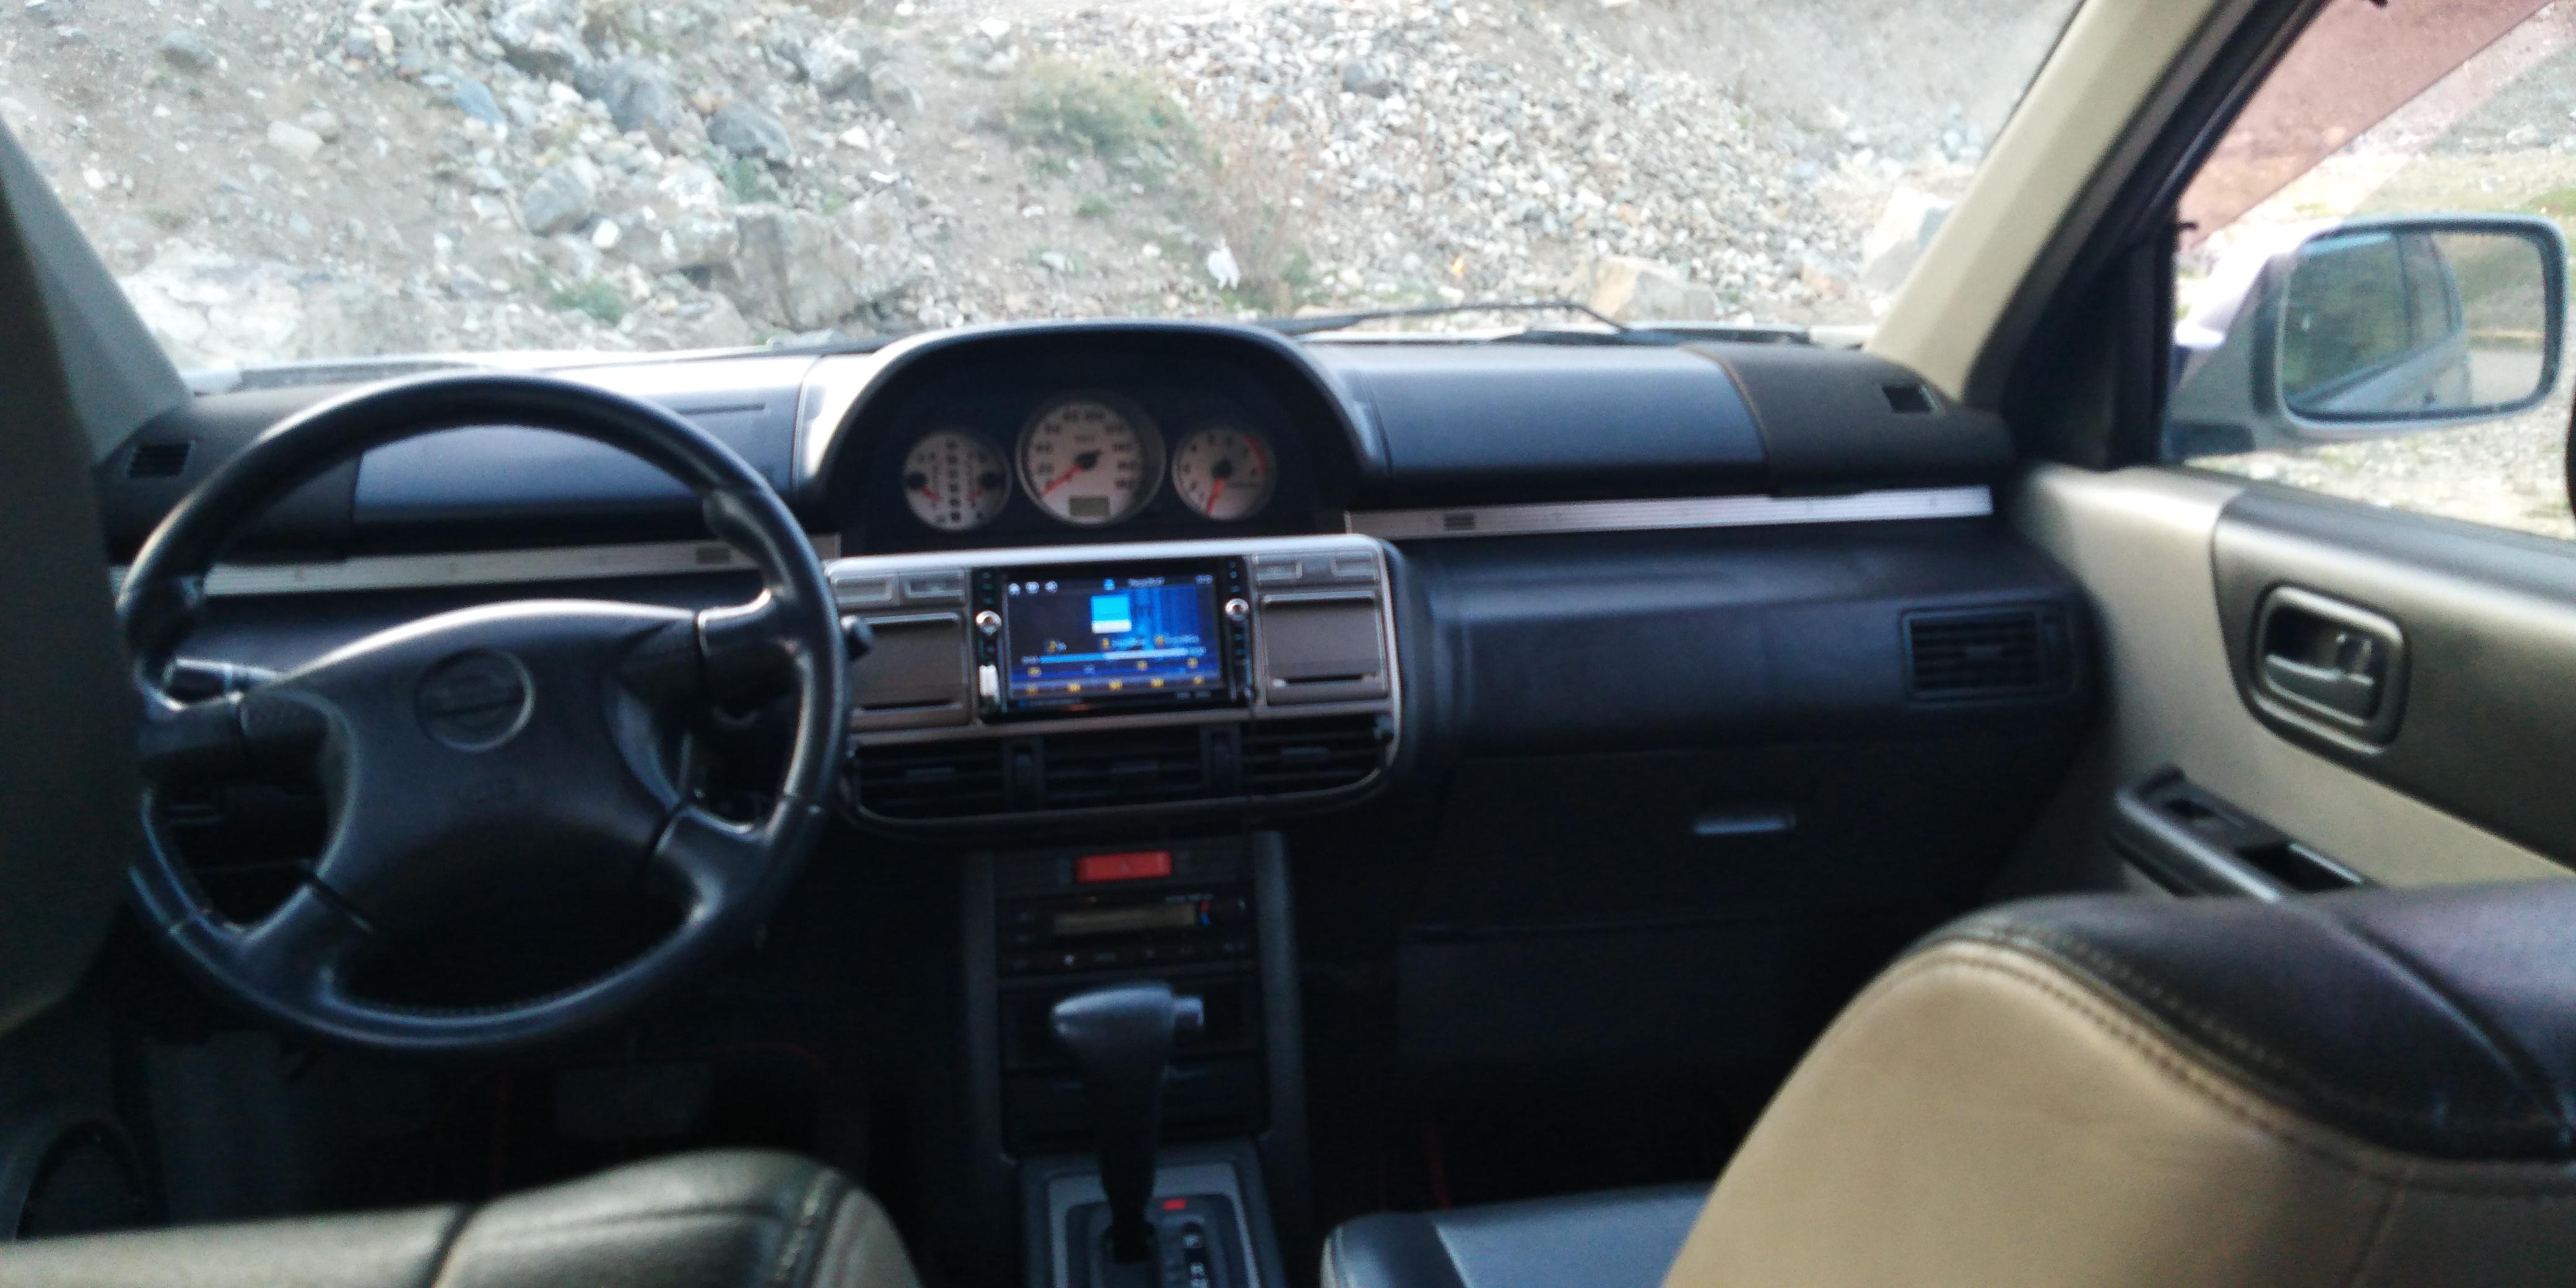 Nissan X-Trail 2.0(lt) 2002 Second hand  $10500